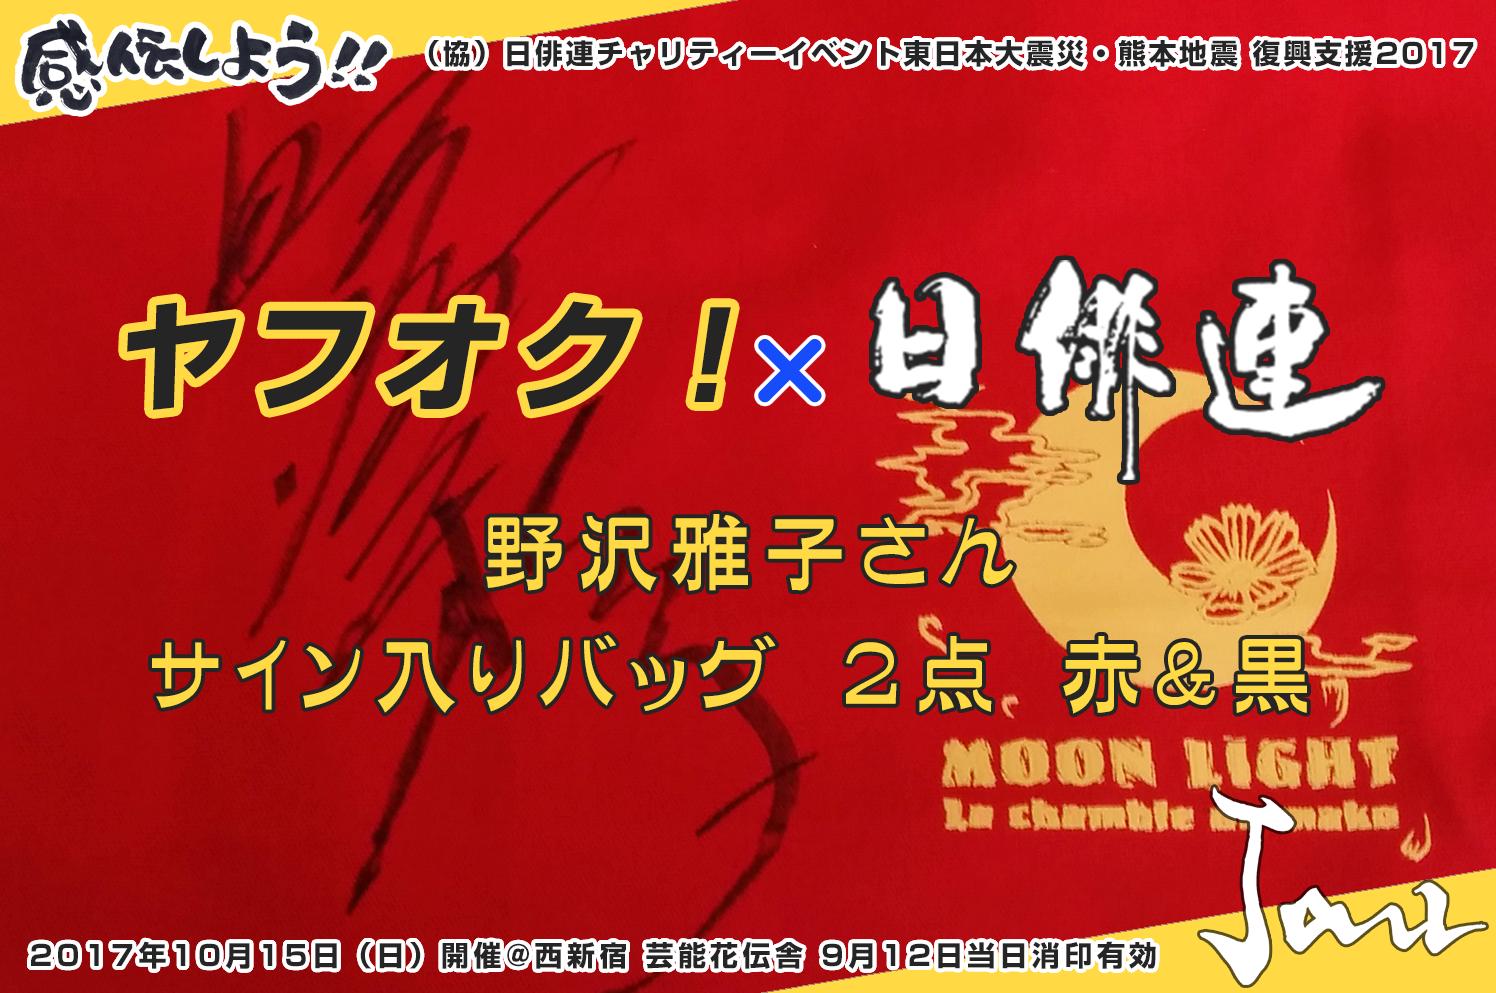 ヤフオク!×日俳連 チャリティーオークション!『野沢雅子さんご提供 サイン入りバッグ 2点 赤&黒 』